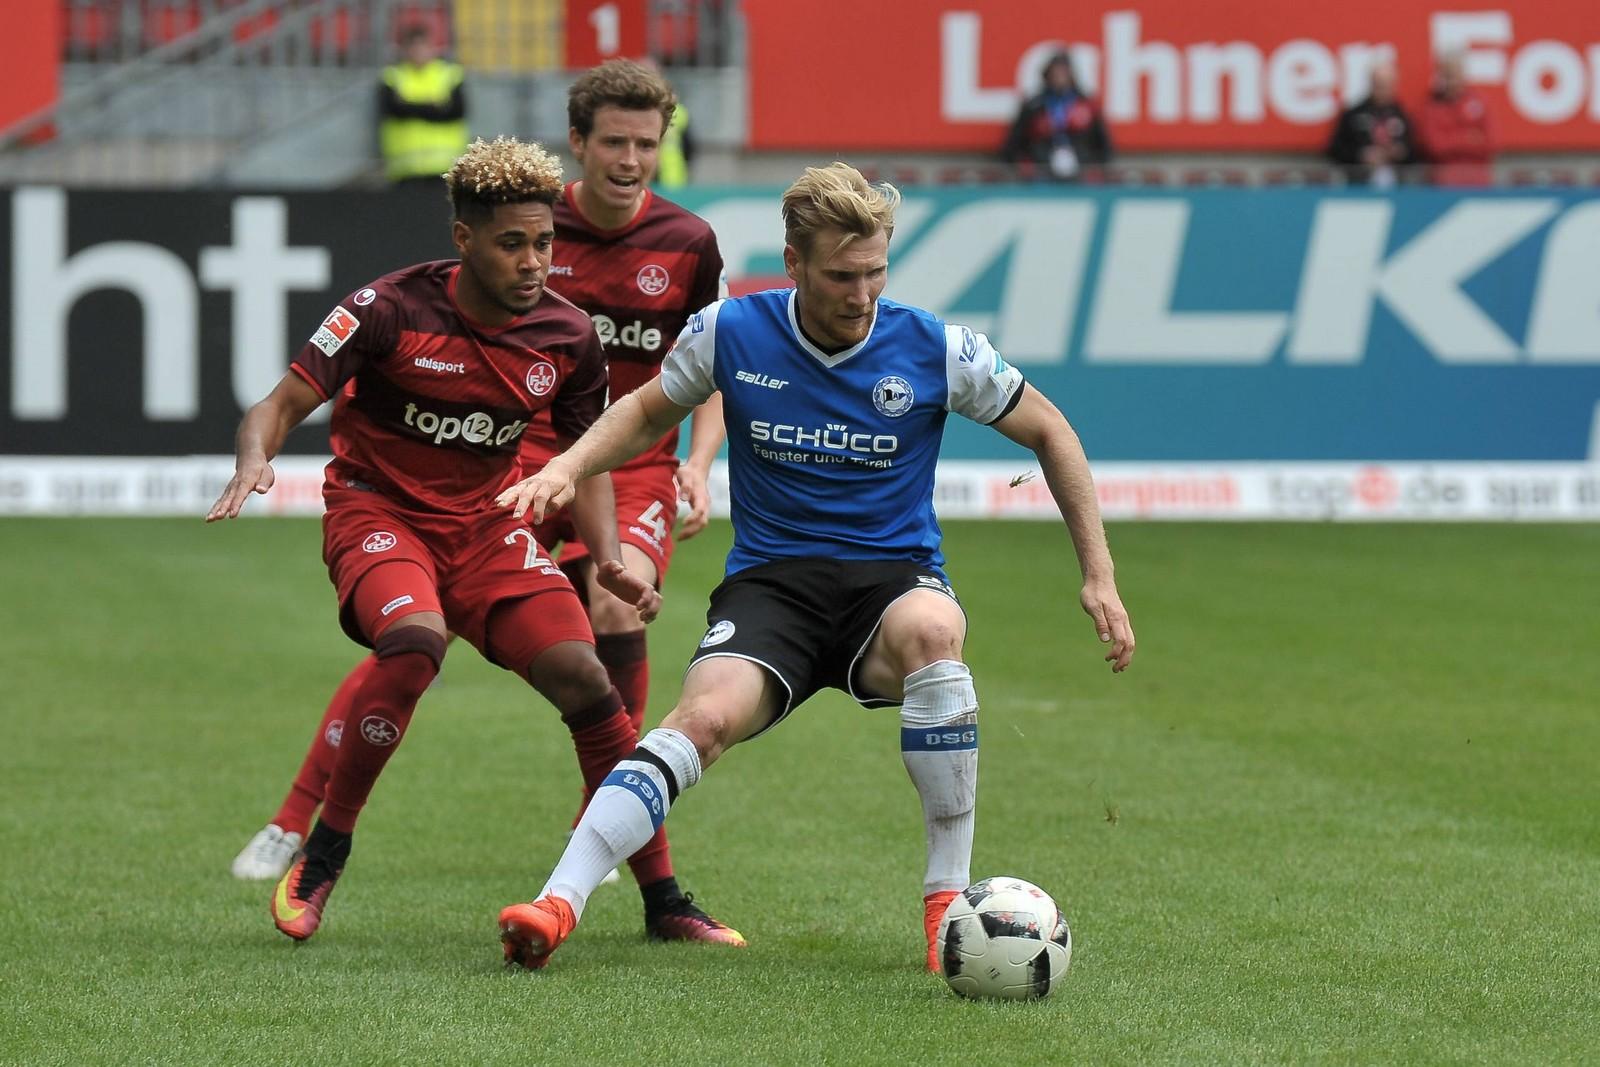 Setzt sich Voglsammer gegen Mwene durch? Jetzt auf Bielefeld vs FCK wetten